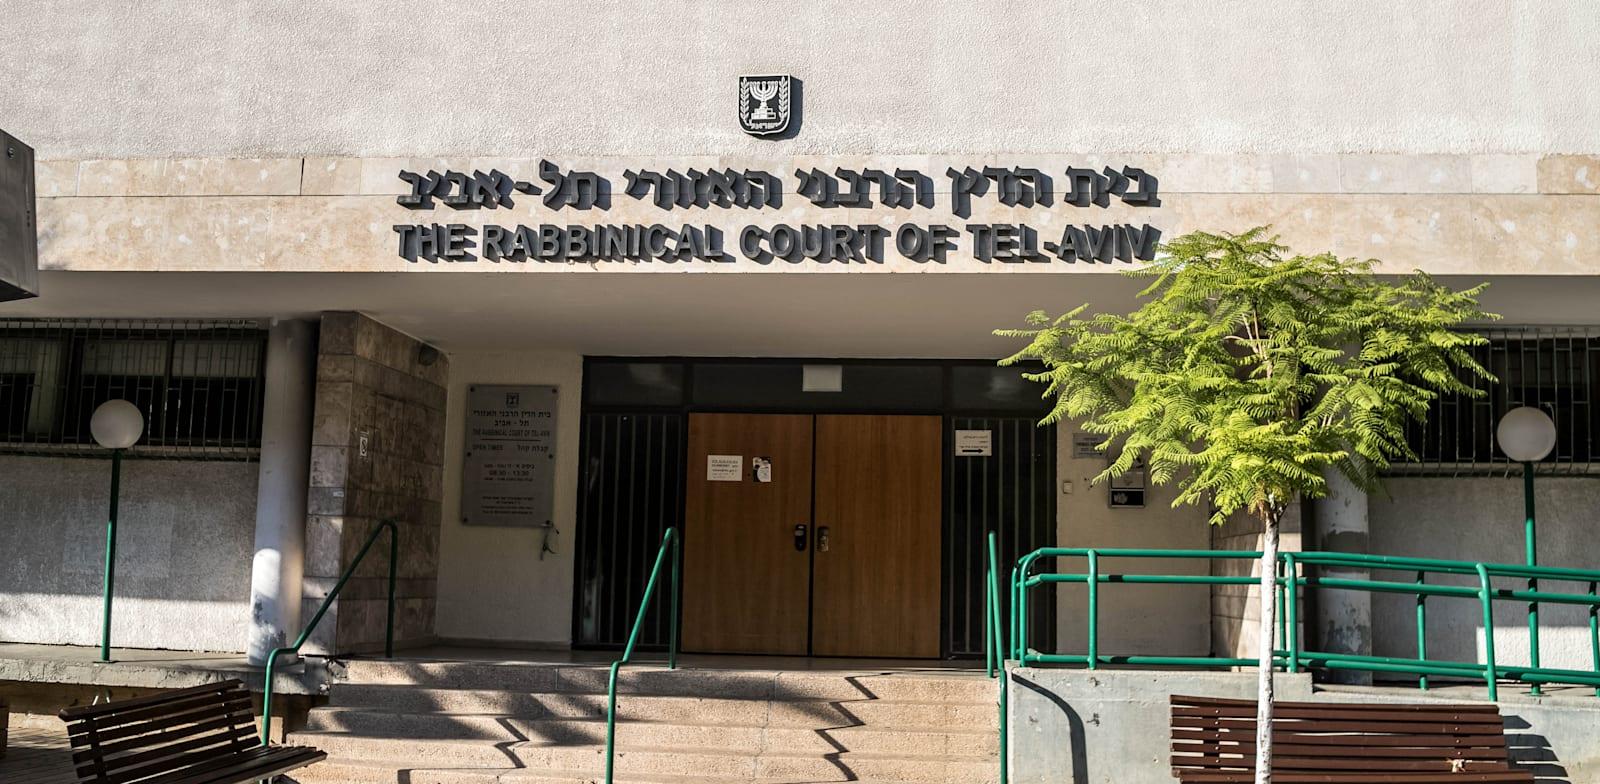 בית הדין הרבני בתל אביב / צילום: Shutterstock